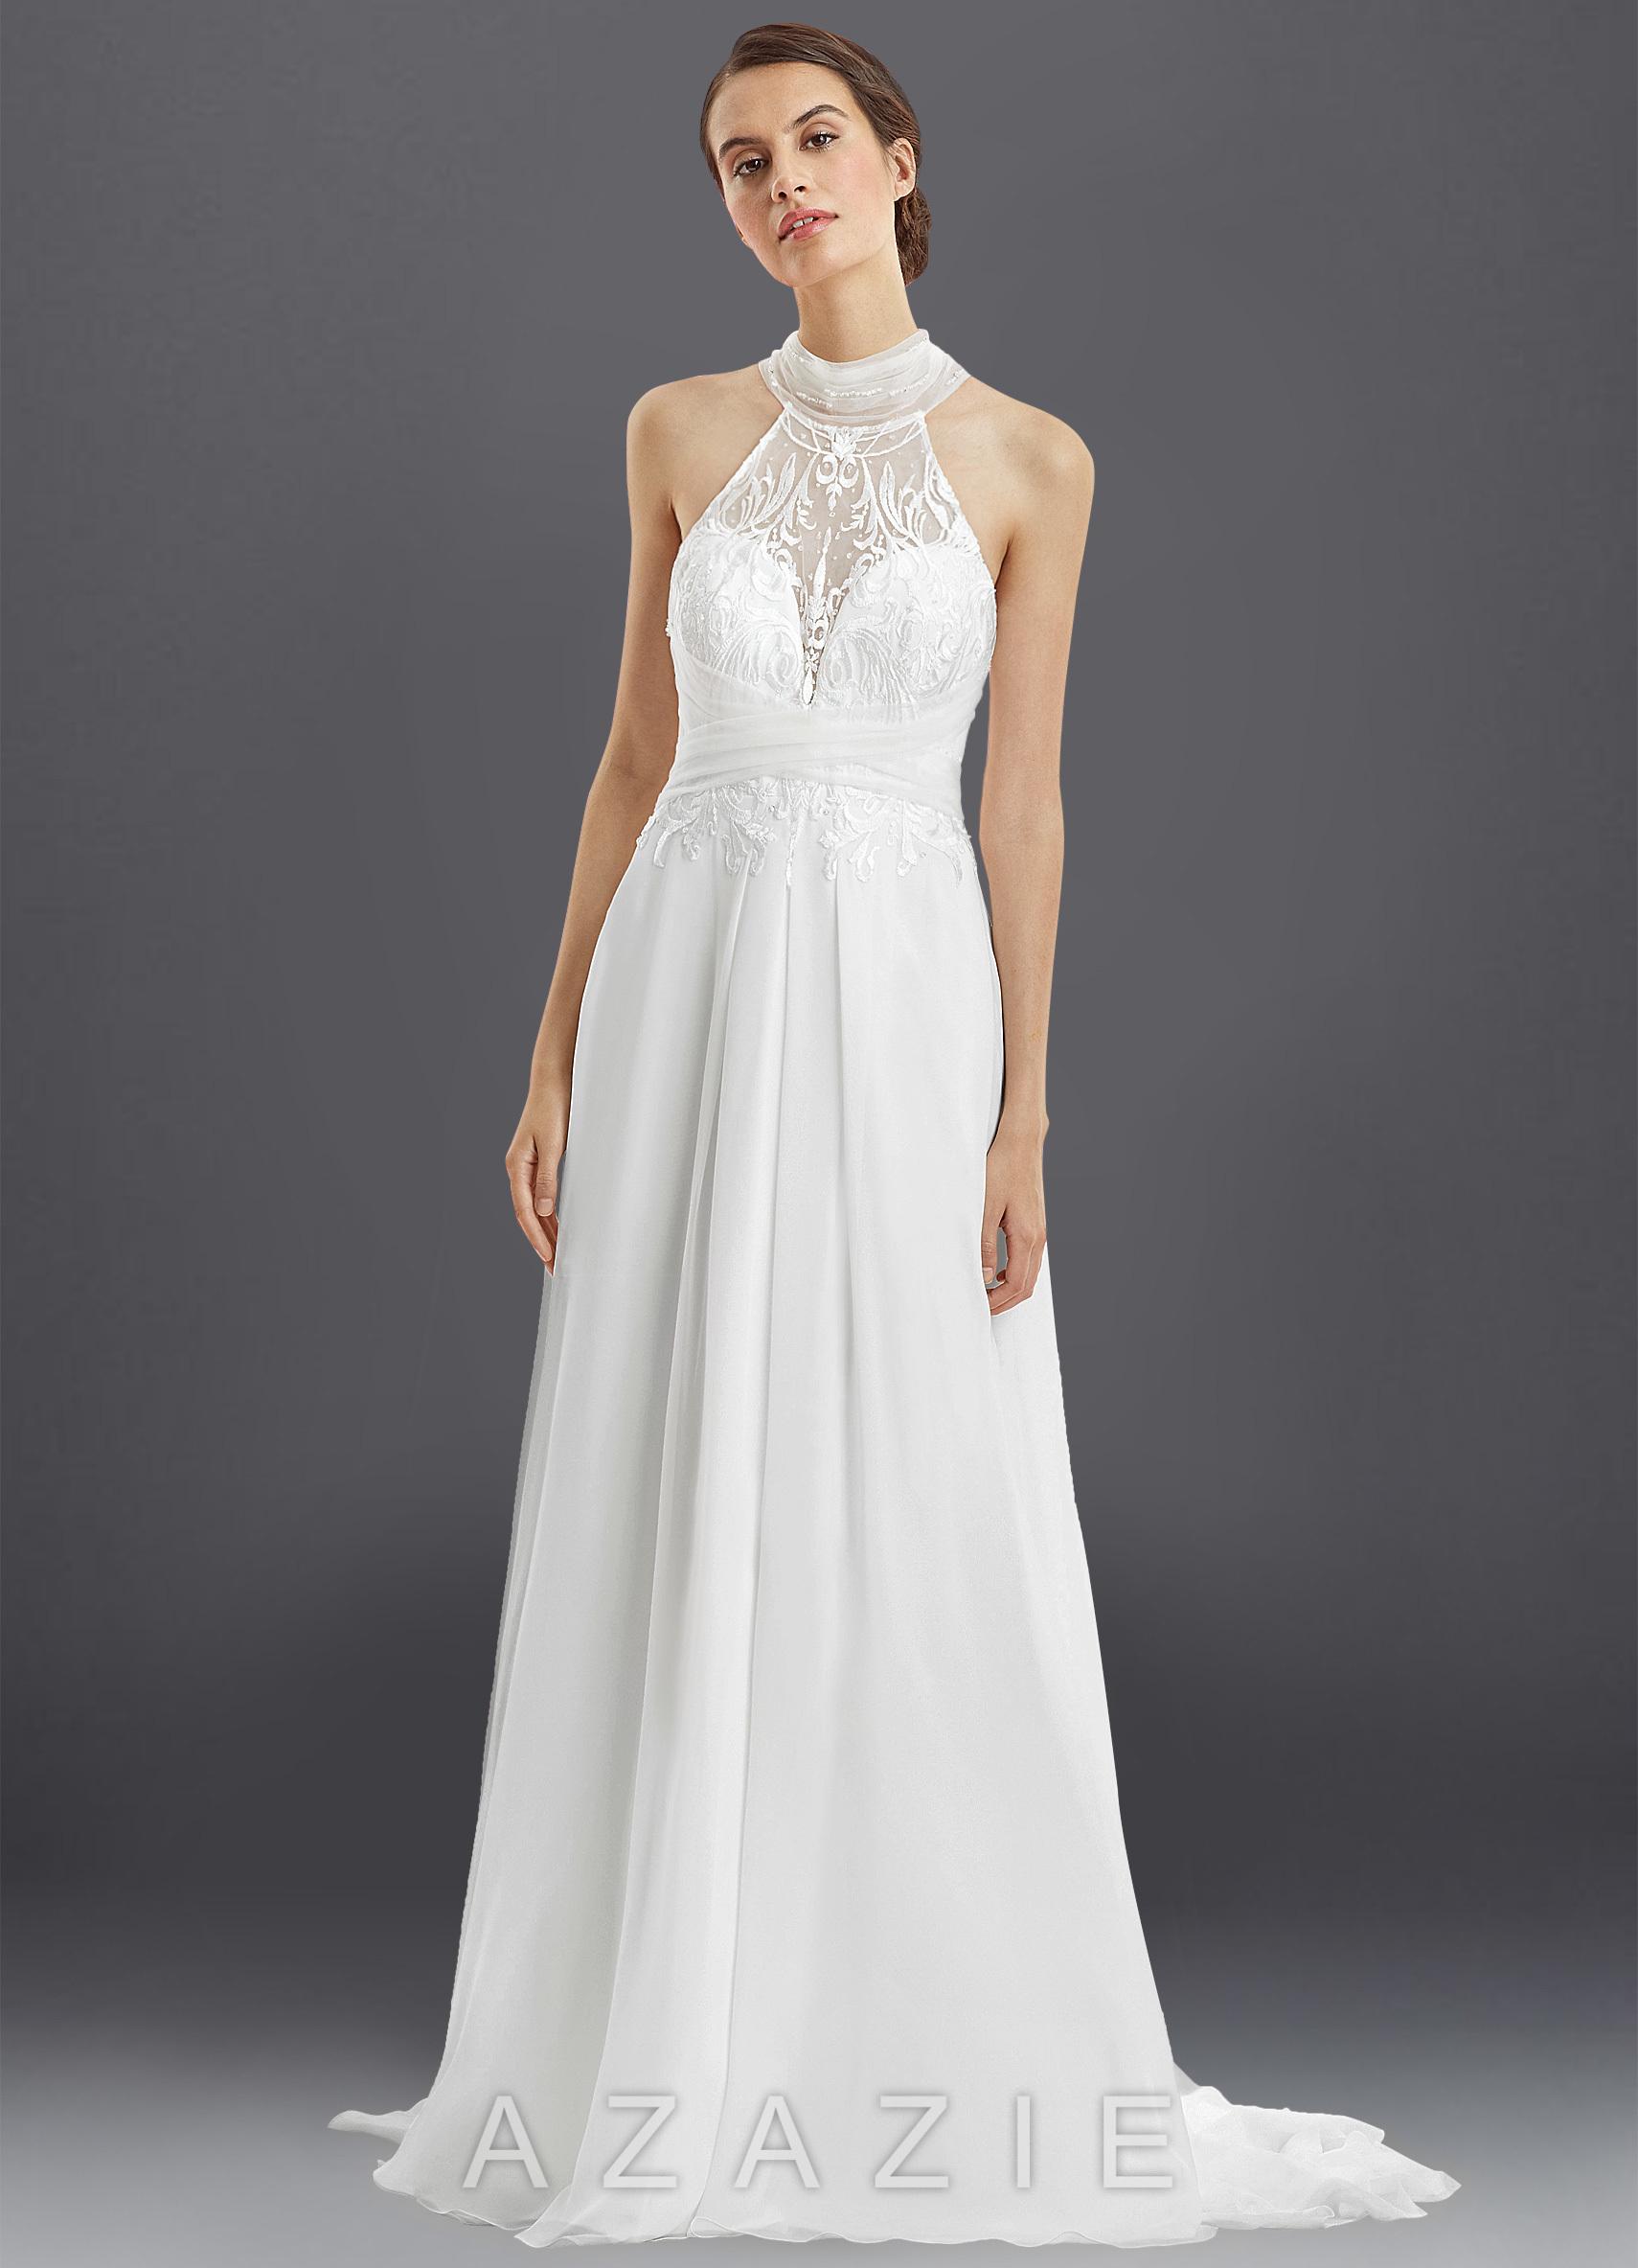 Azazie Anaya BG Wedding Dress Azazie